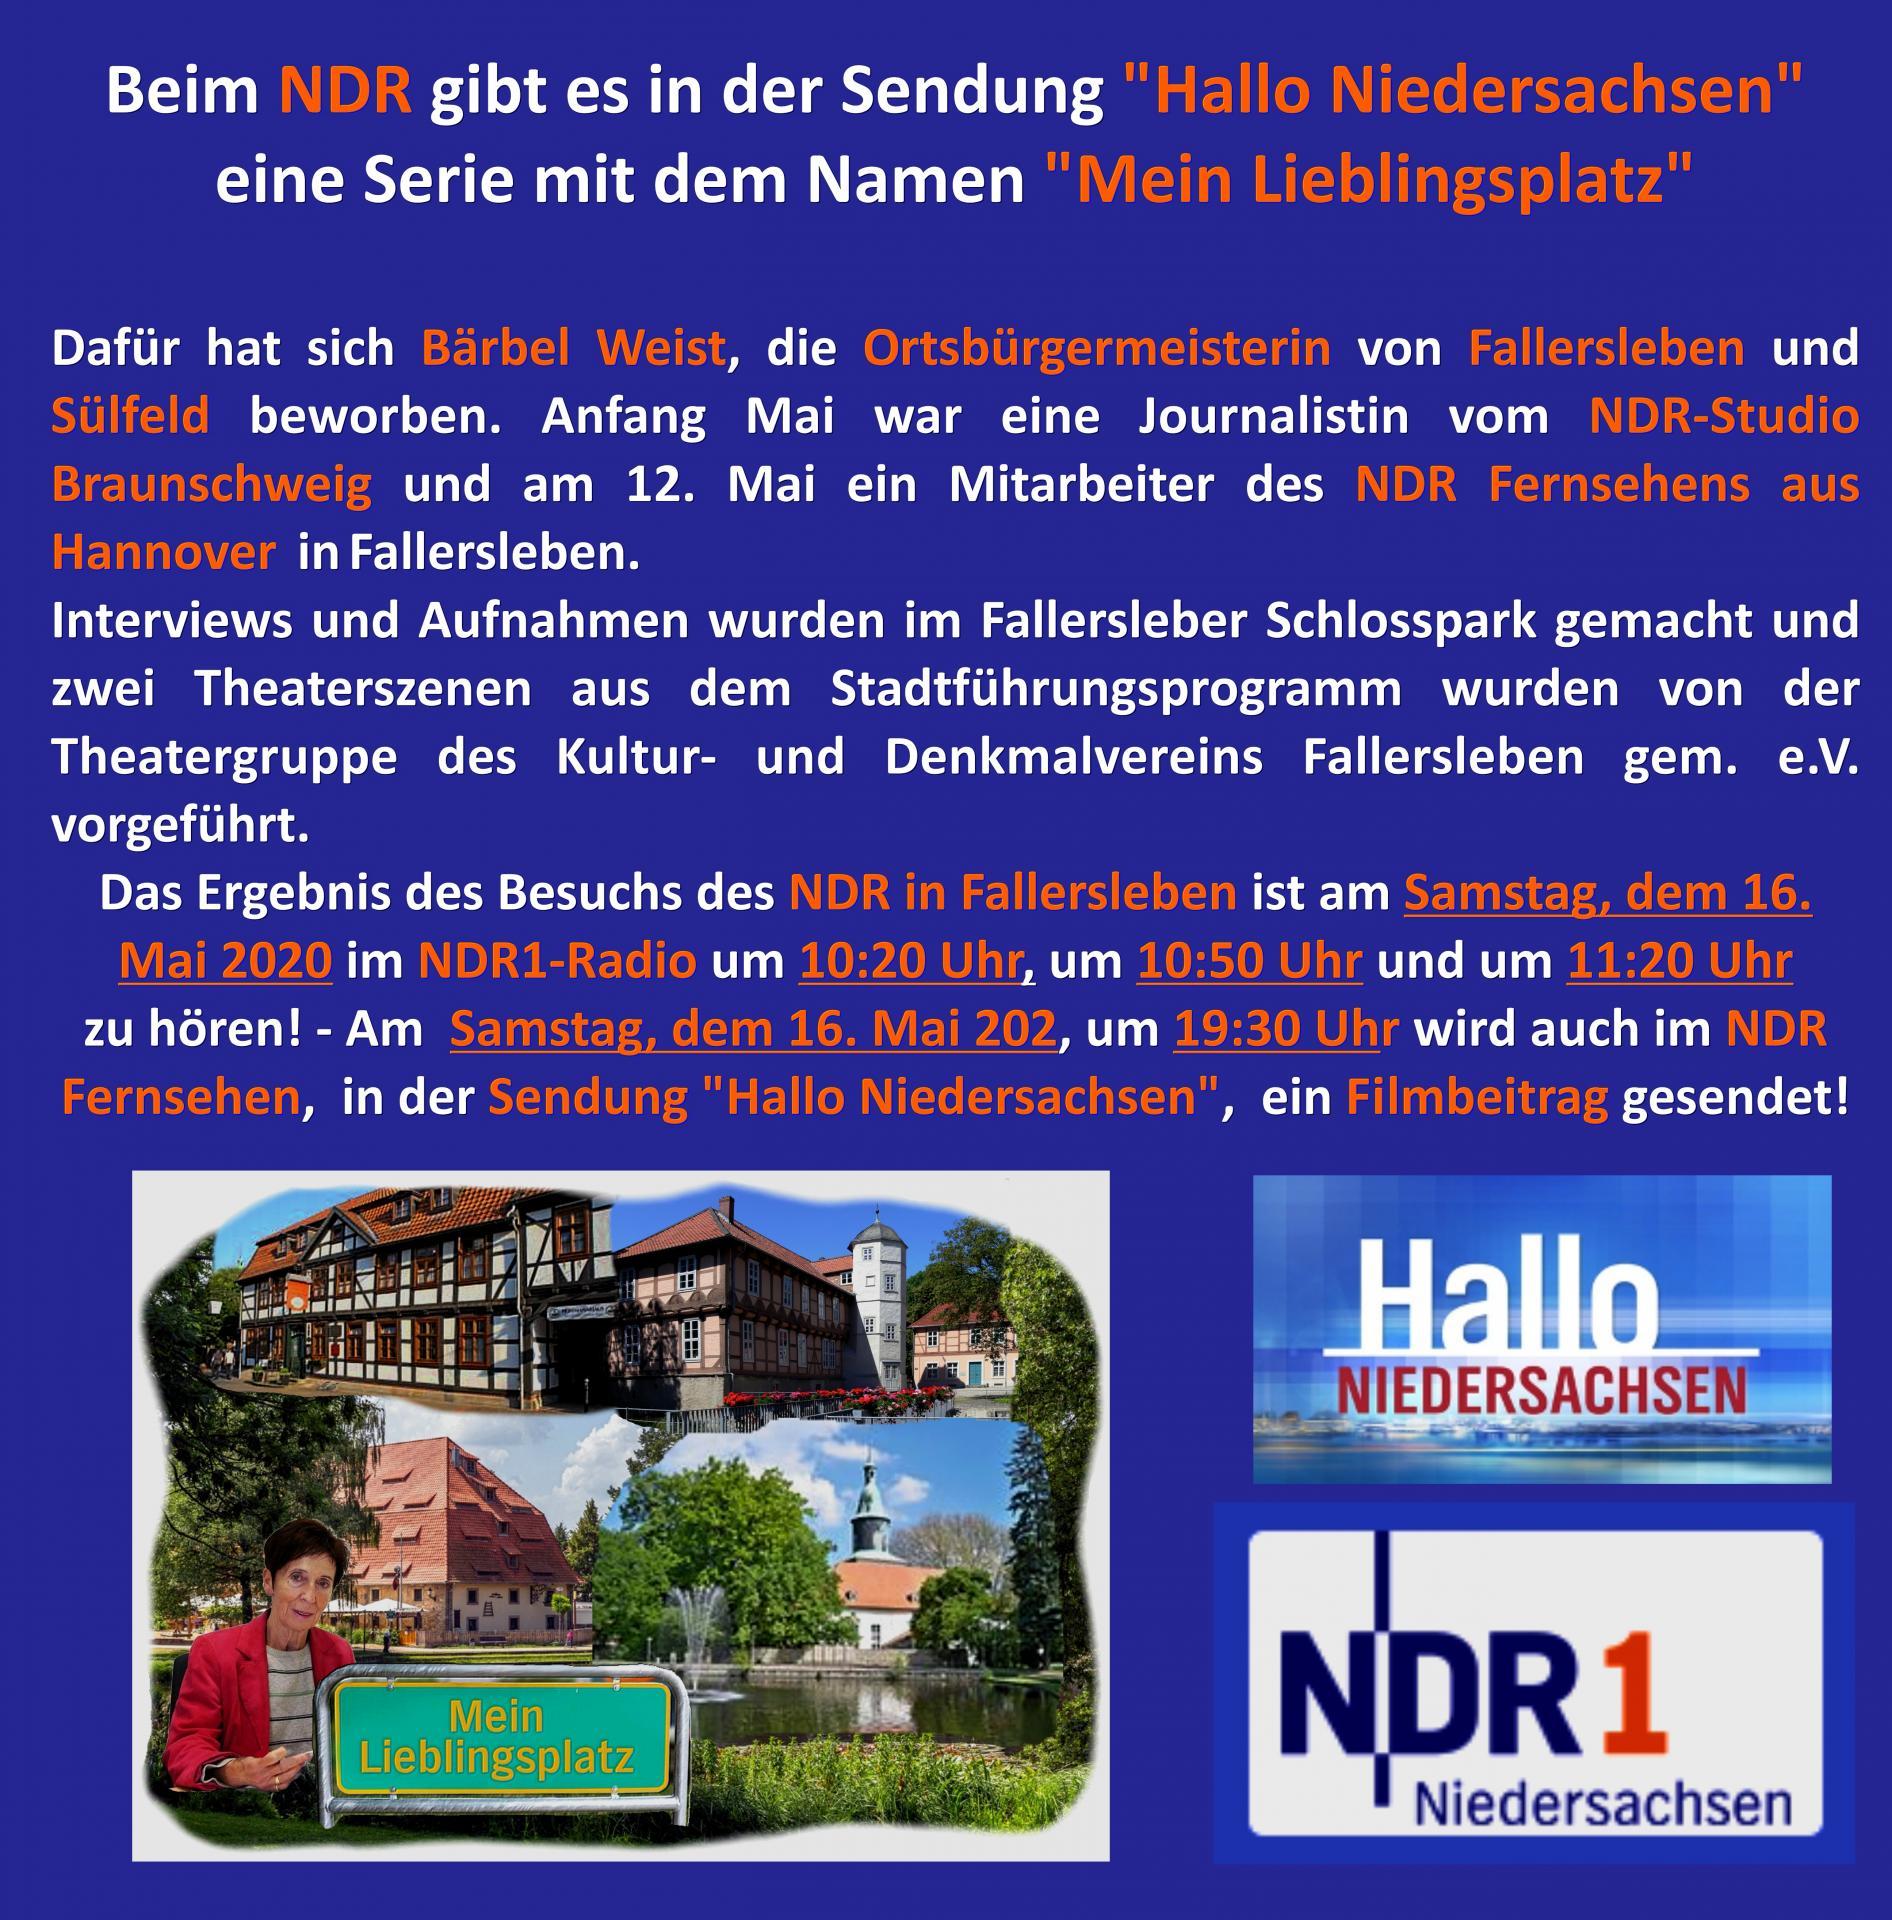 NDR-Mein Lieblingsplatz-Schlosspark_Fallersleben